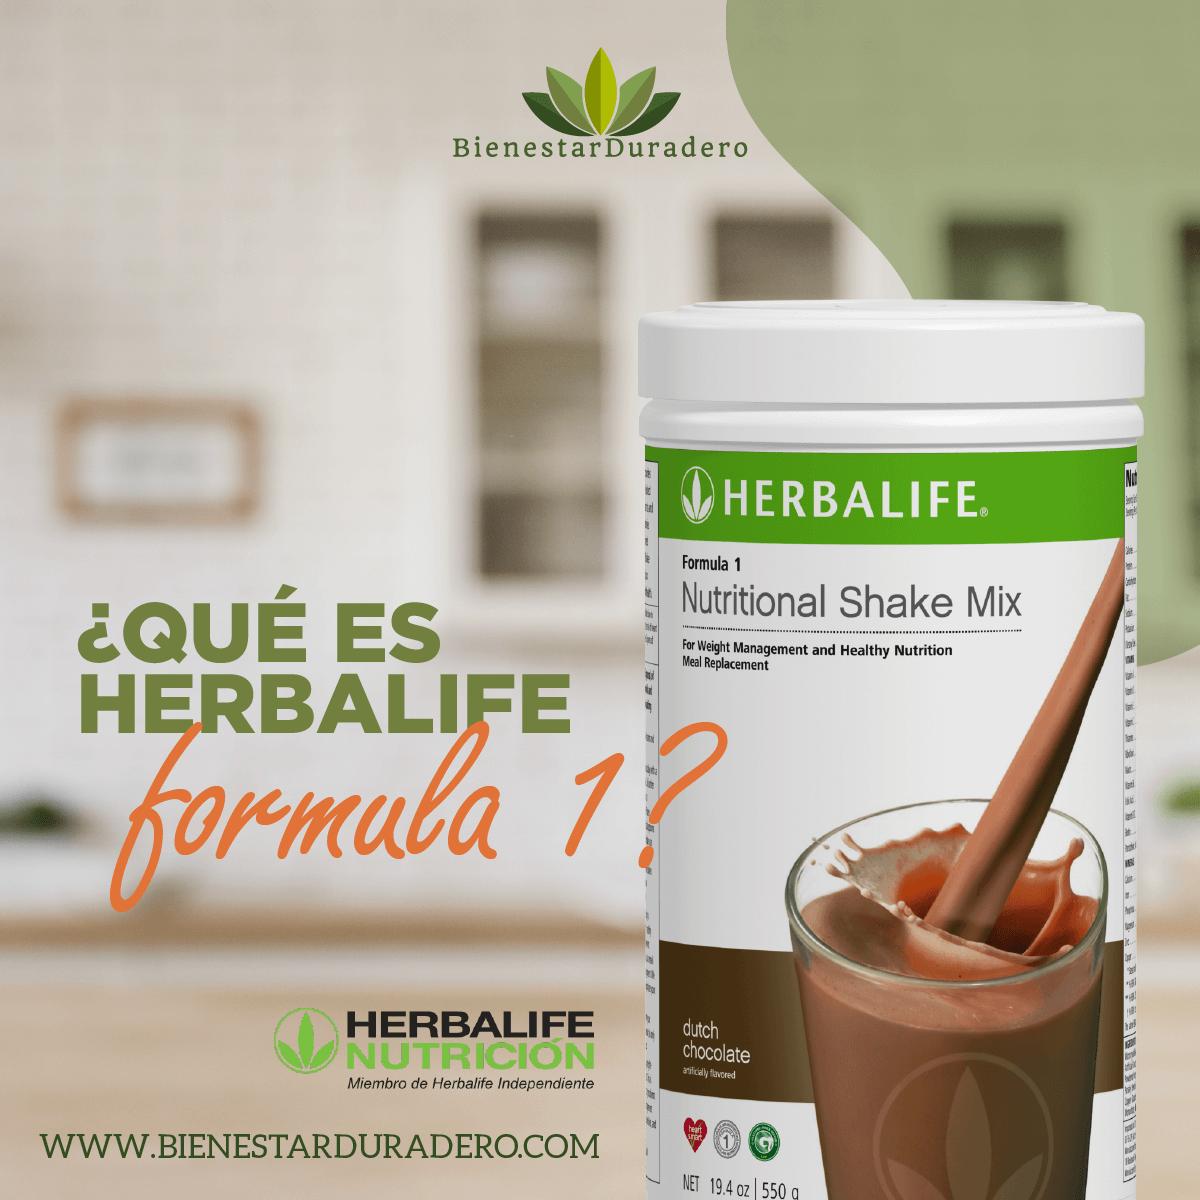 ¿Qué es Herbalife Fórmula 1?